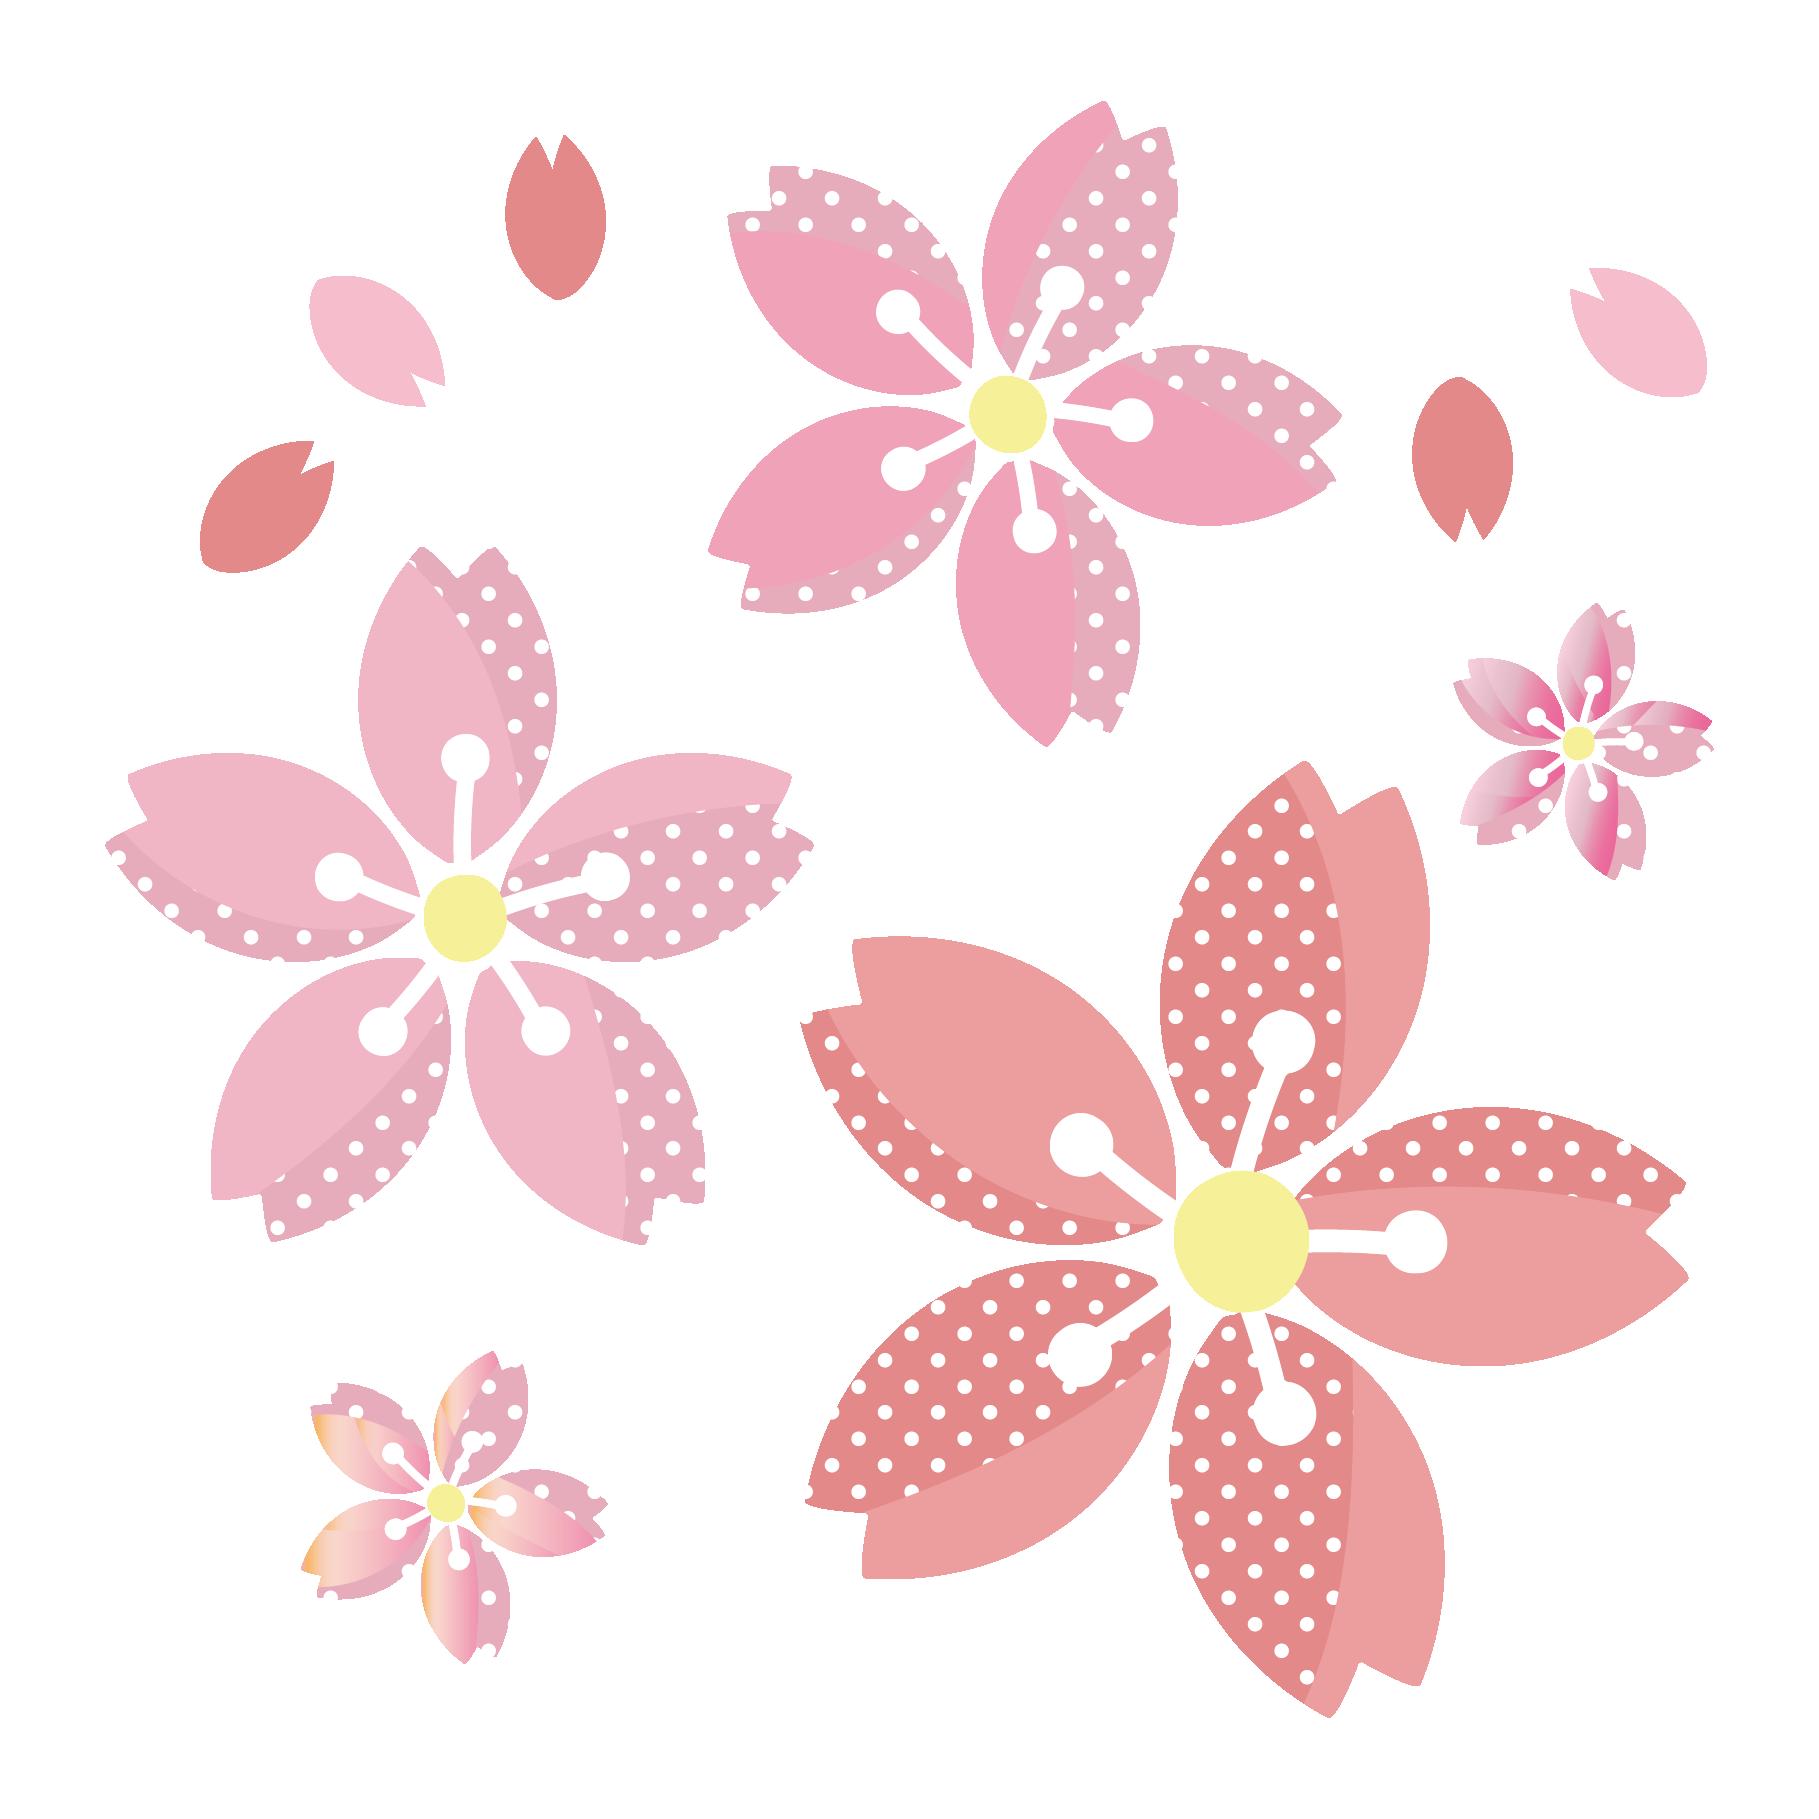 桜 イラスト ドットでかわいい♪ | 商用フリー(無料)のイラスト素材なら